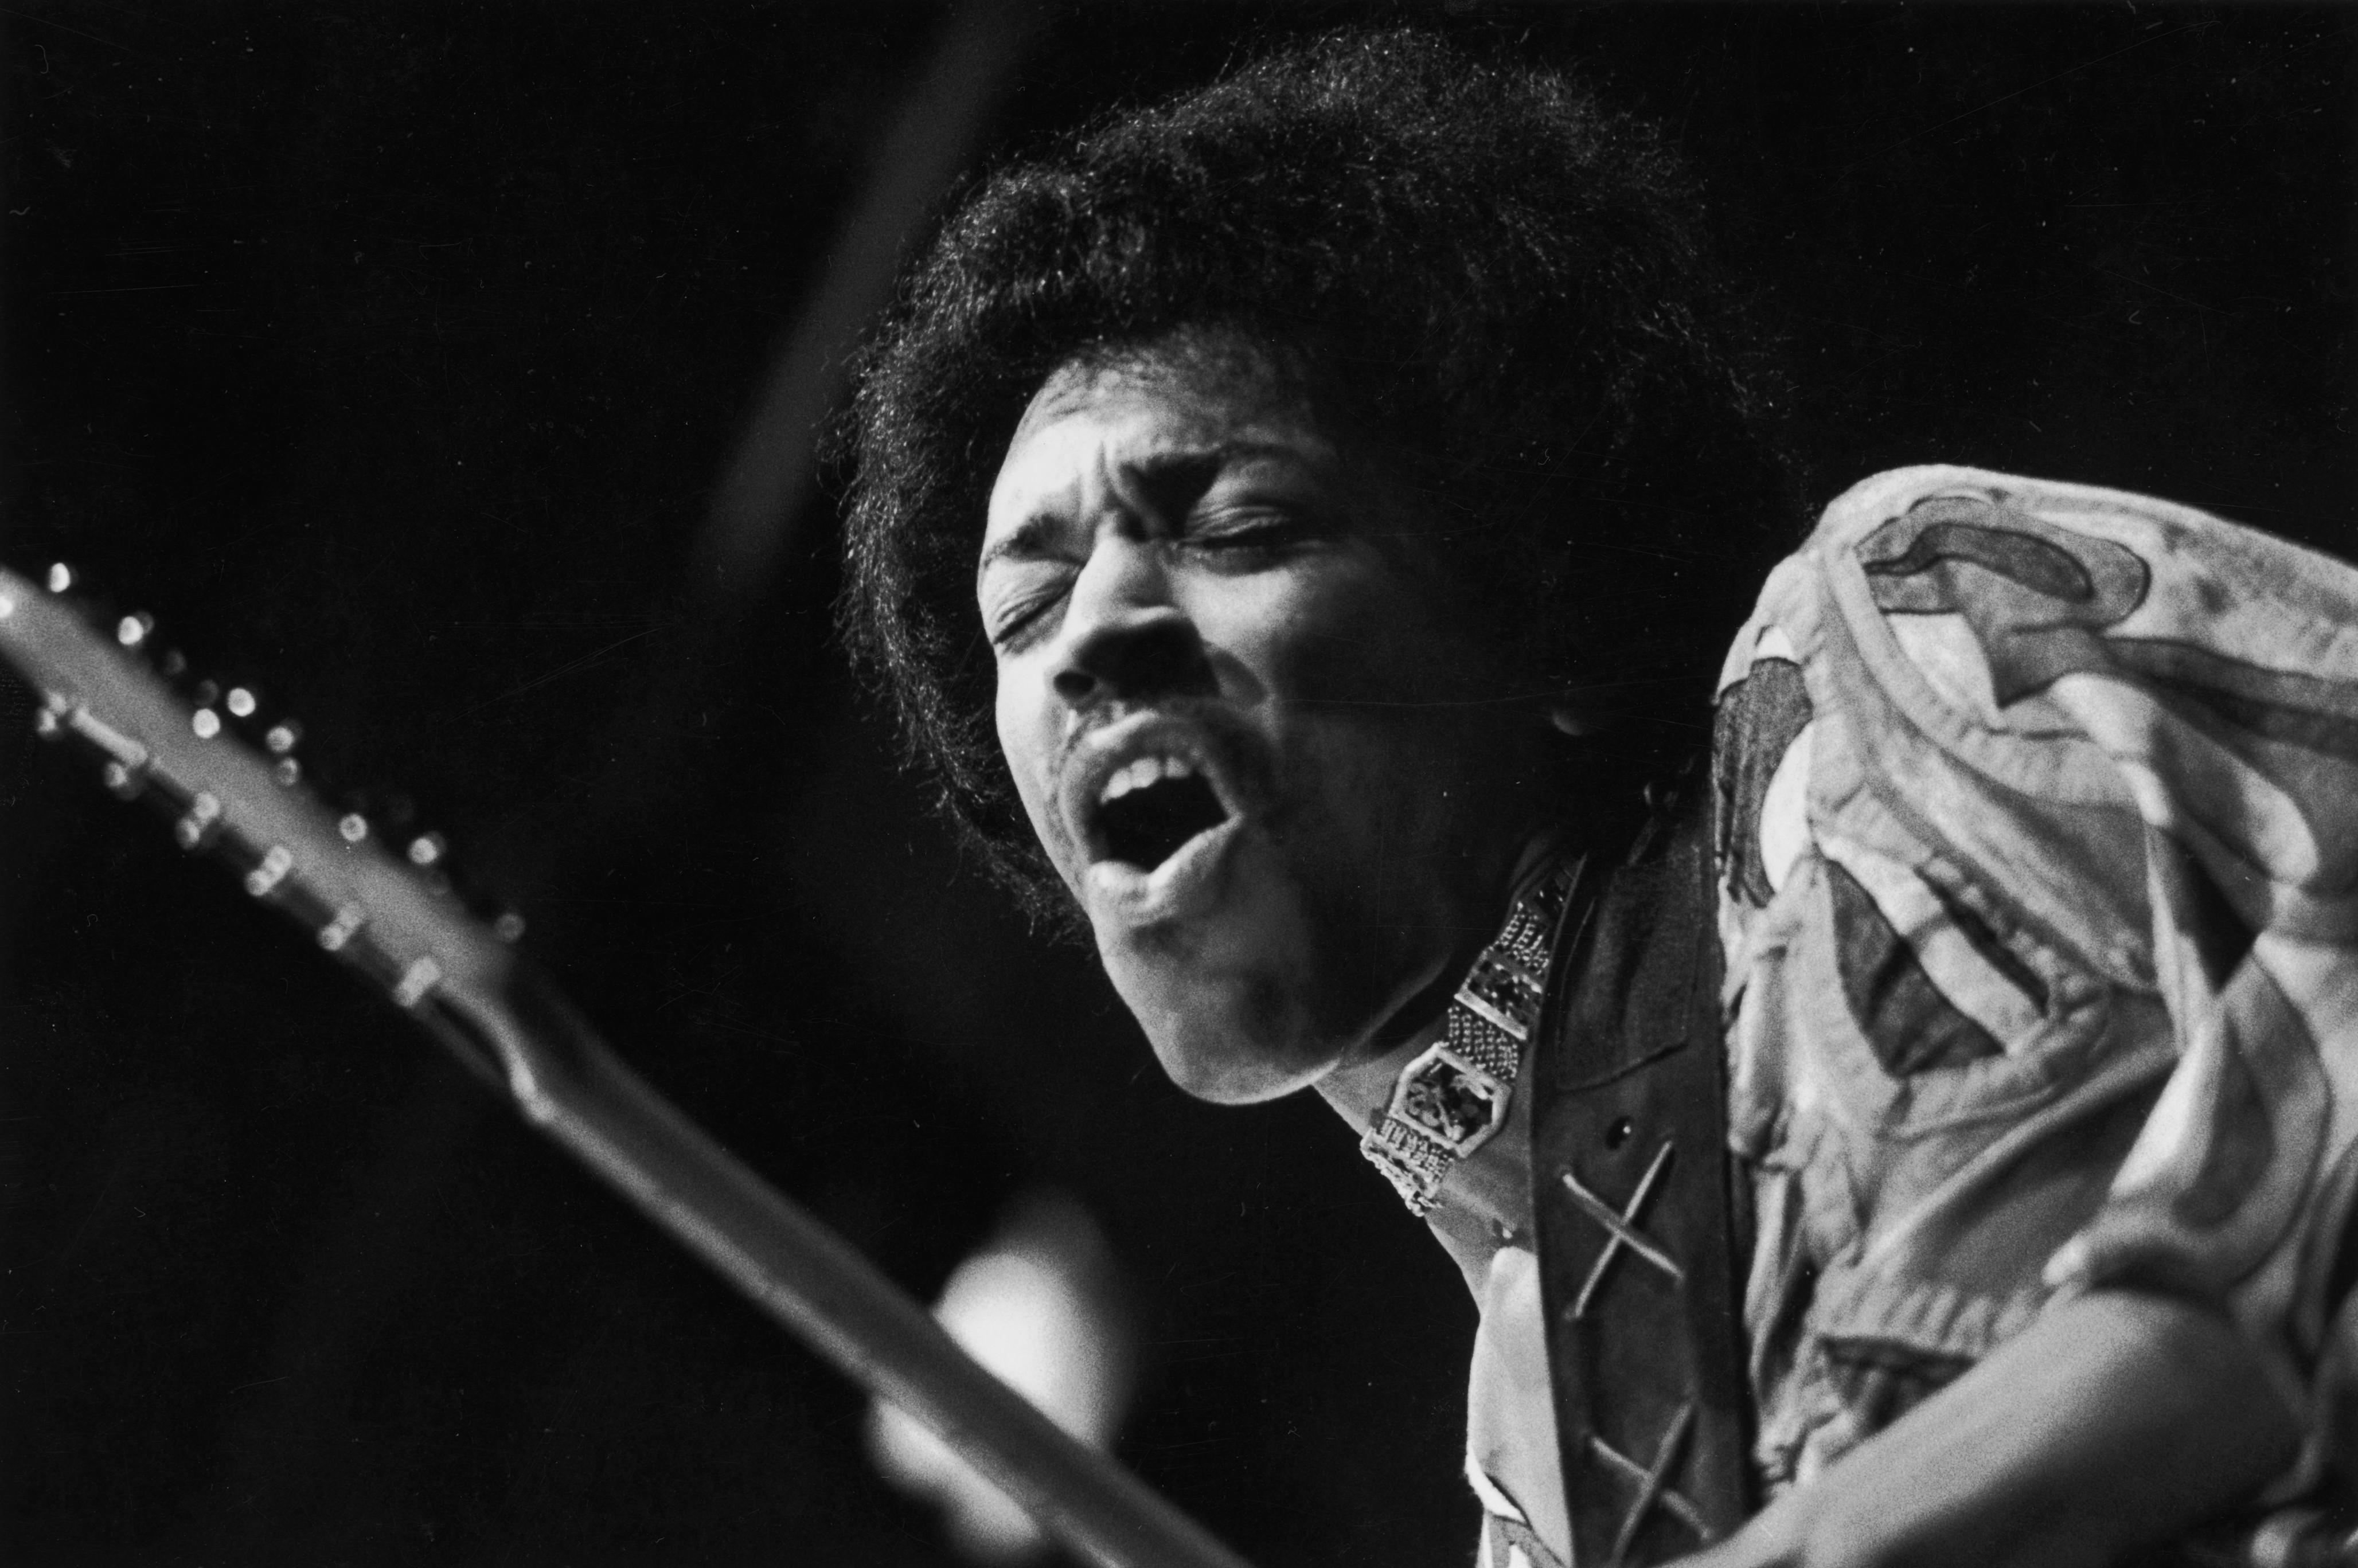 Wallpaper Guitar Music Musician Guitarist Jimi Hendrix